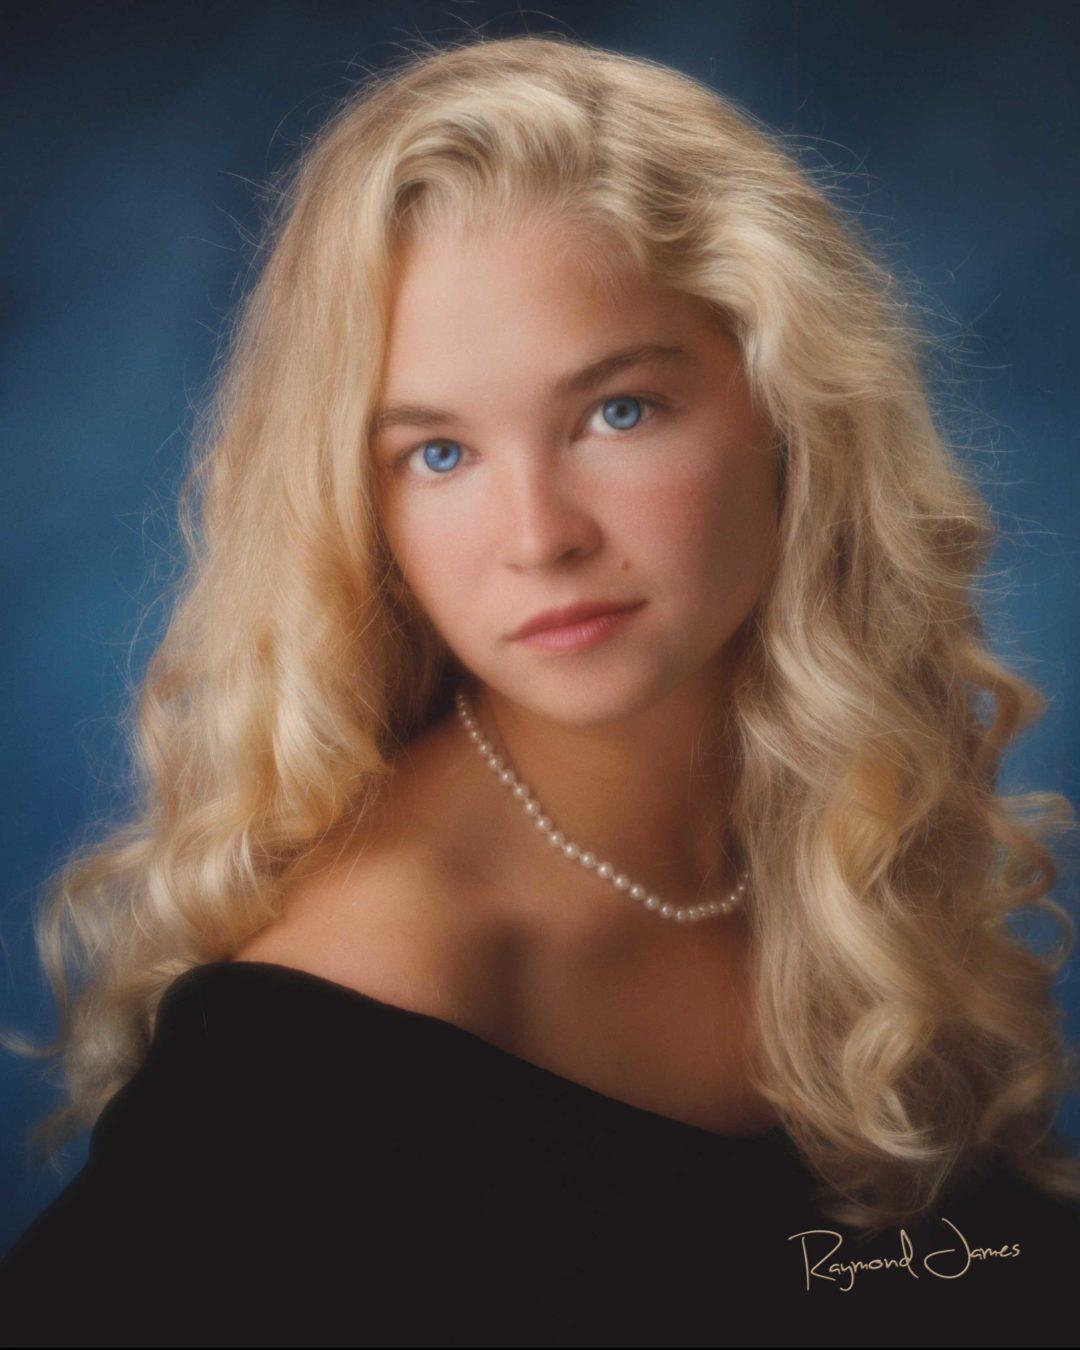 Senior Portraiture